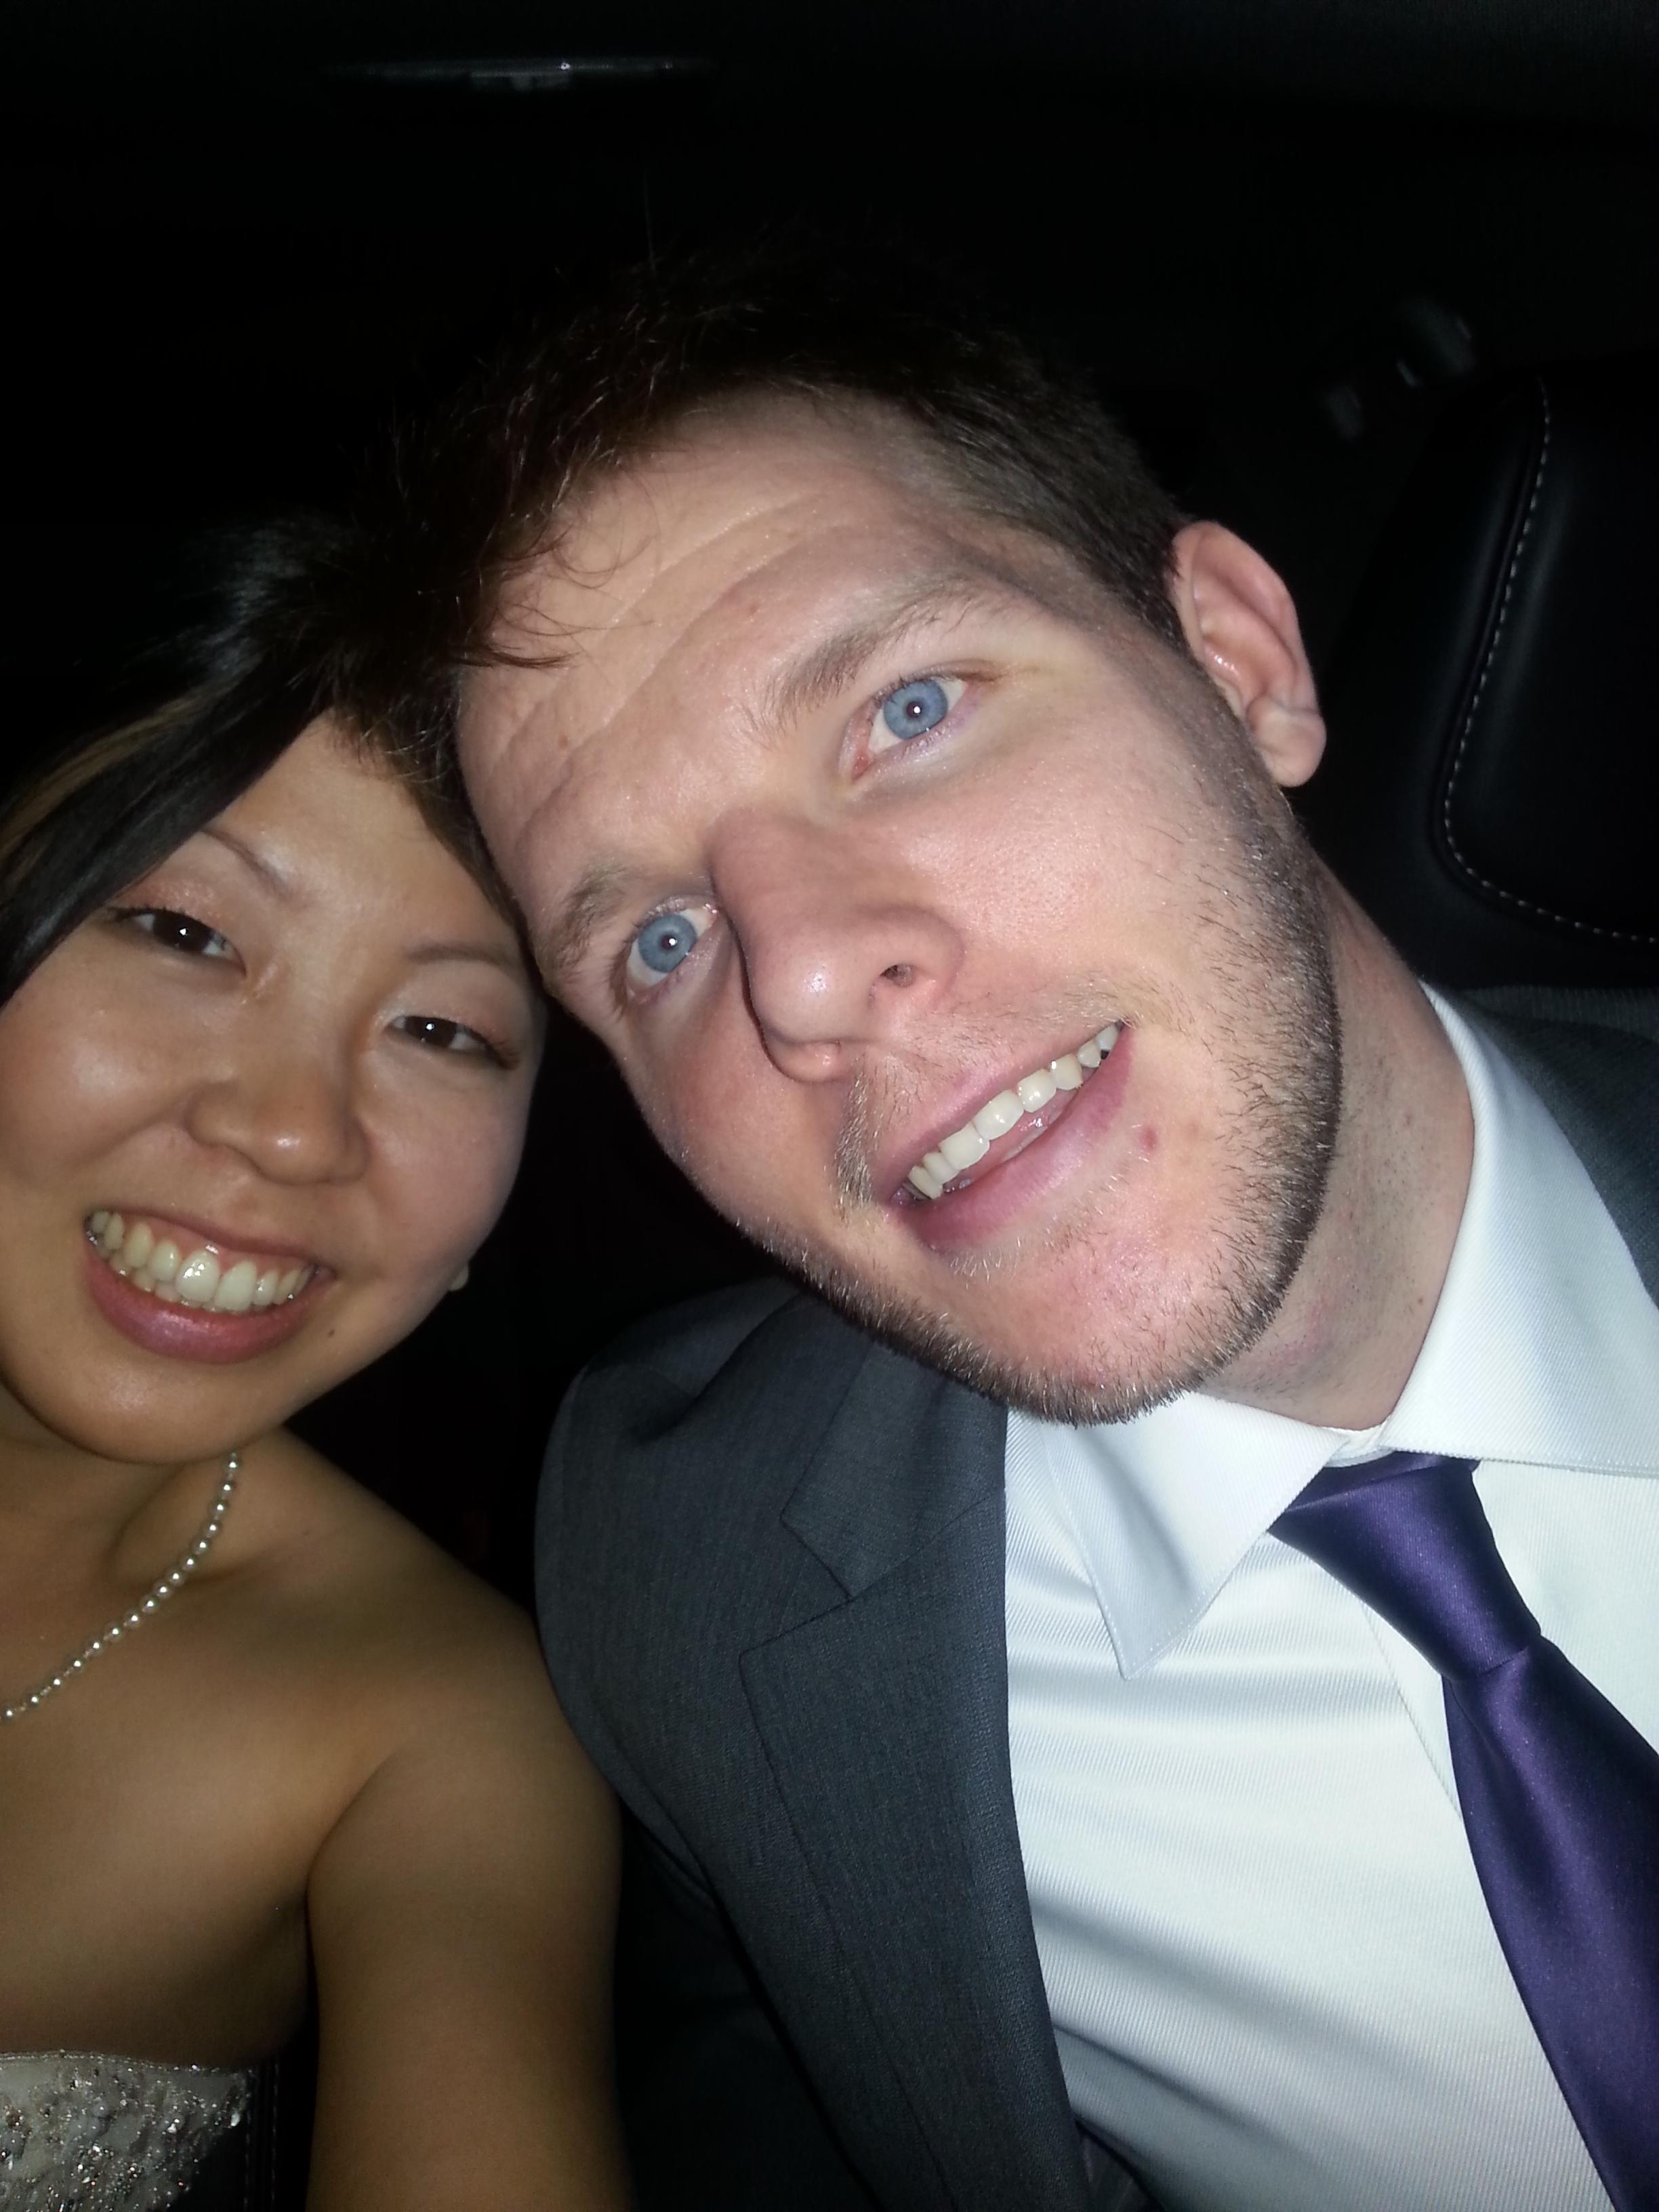 Post-wedding selfie!